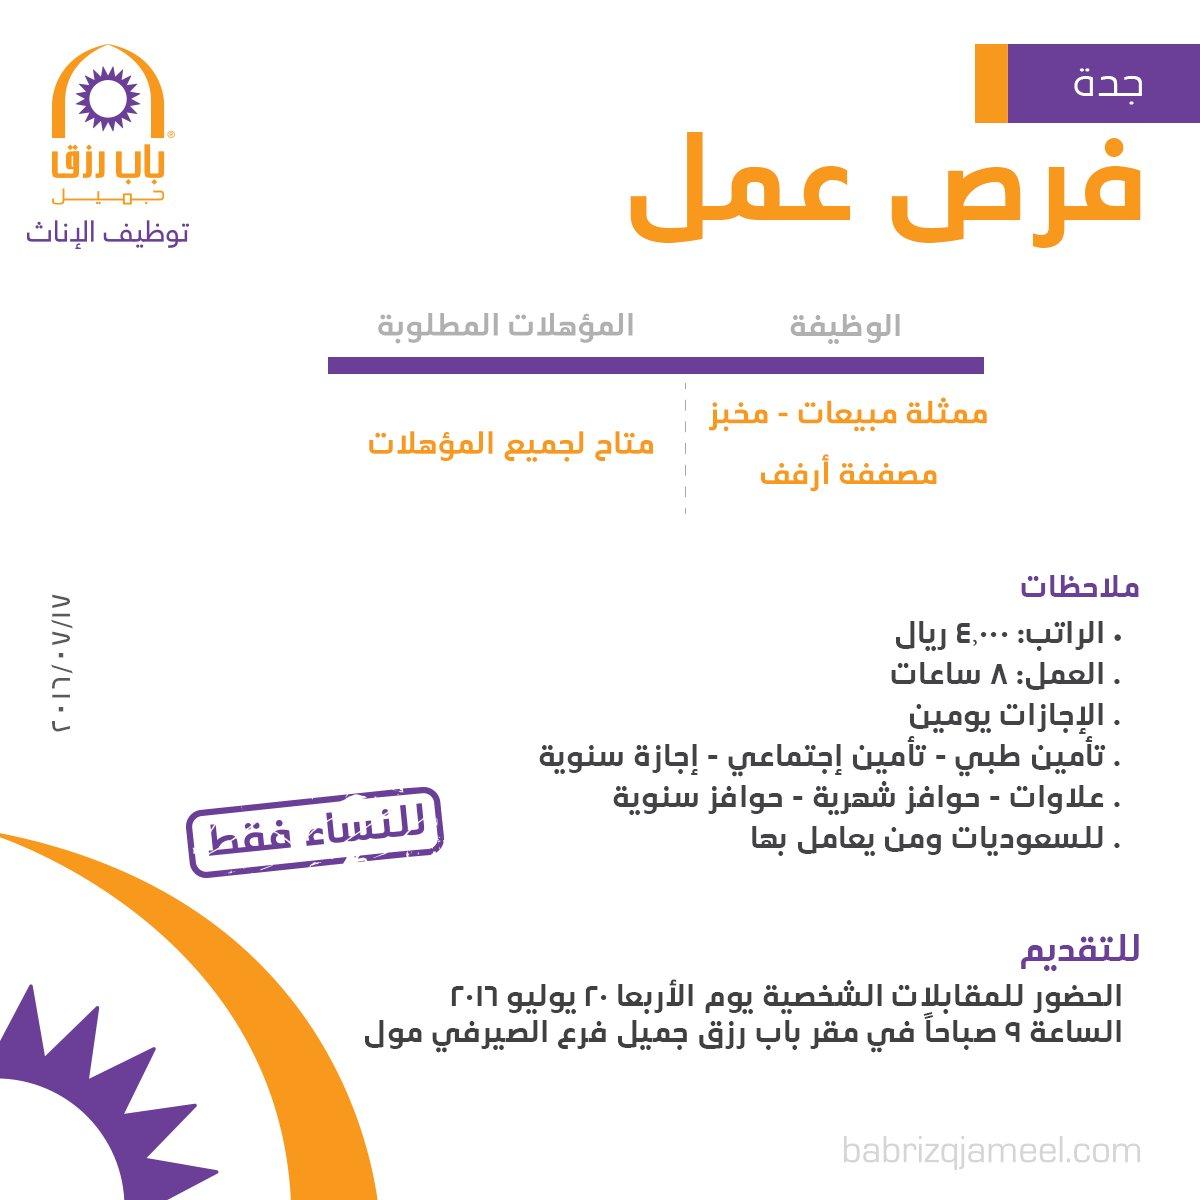 غدا الأربعاء التقديم على وظيفة ممثلة مبيعات ومصففة أرفف - جدة